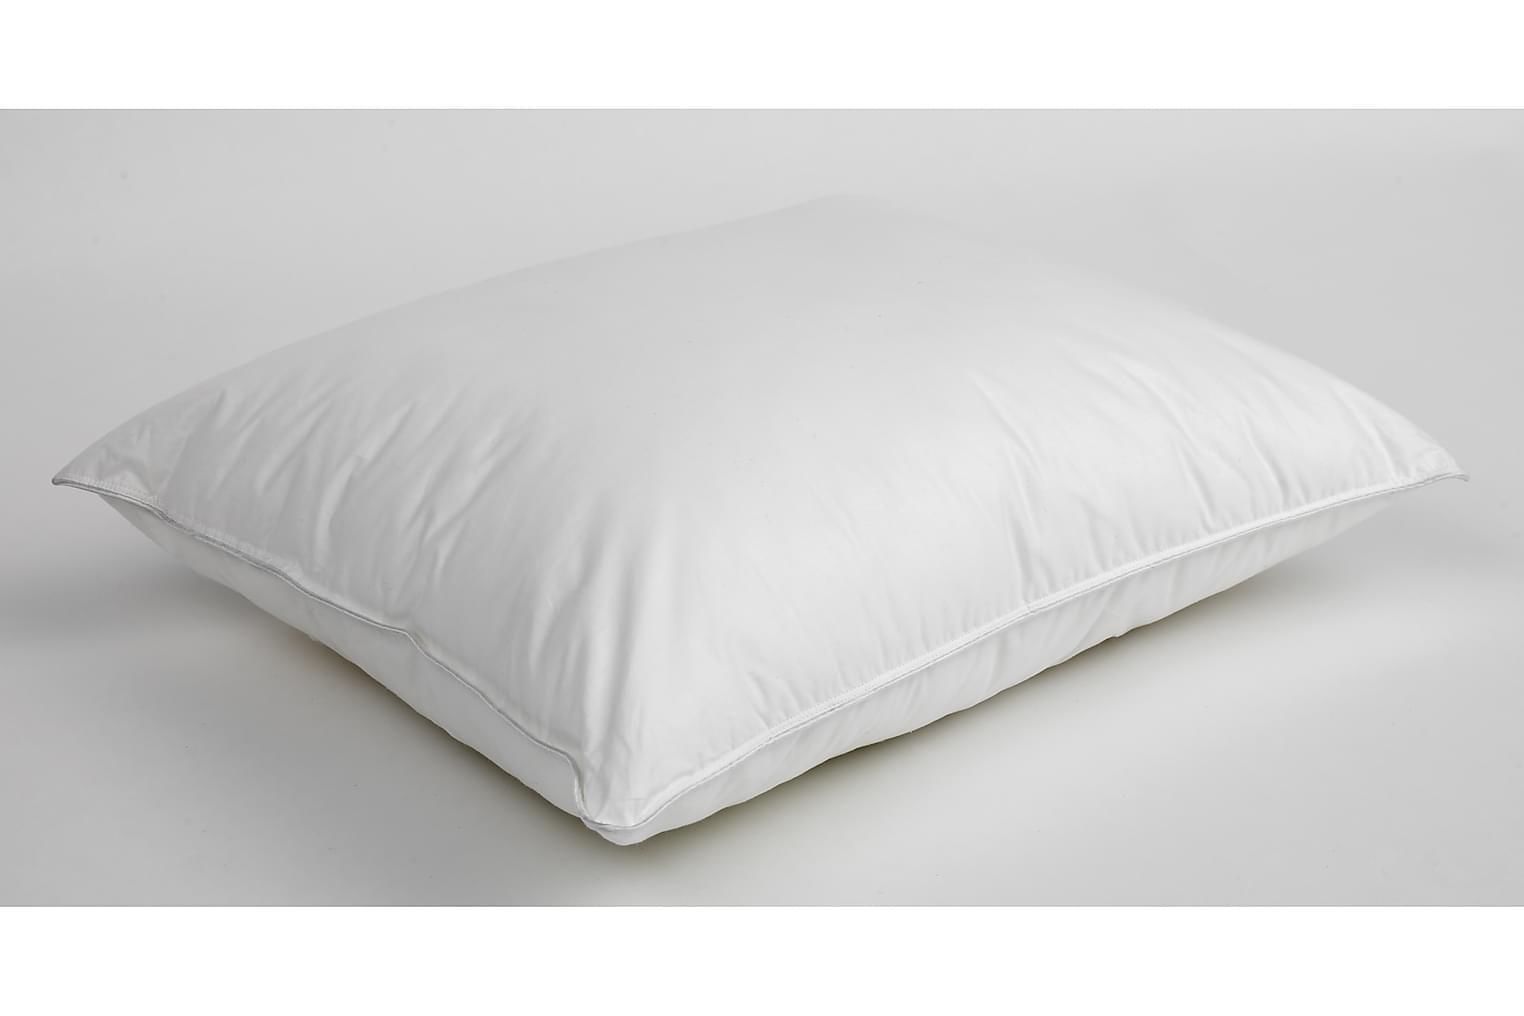 CAMARGO Tyyny Keski Valkoinen 50x90